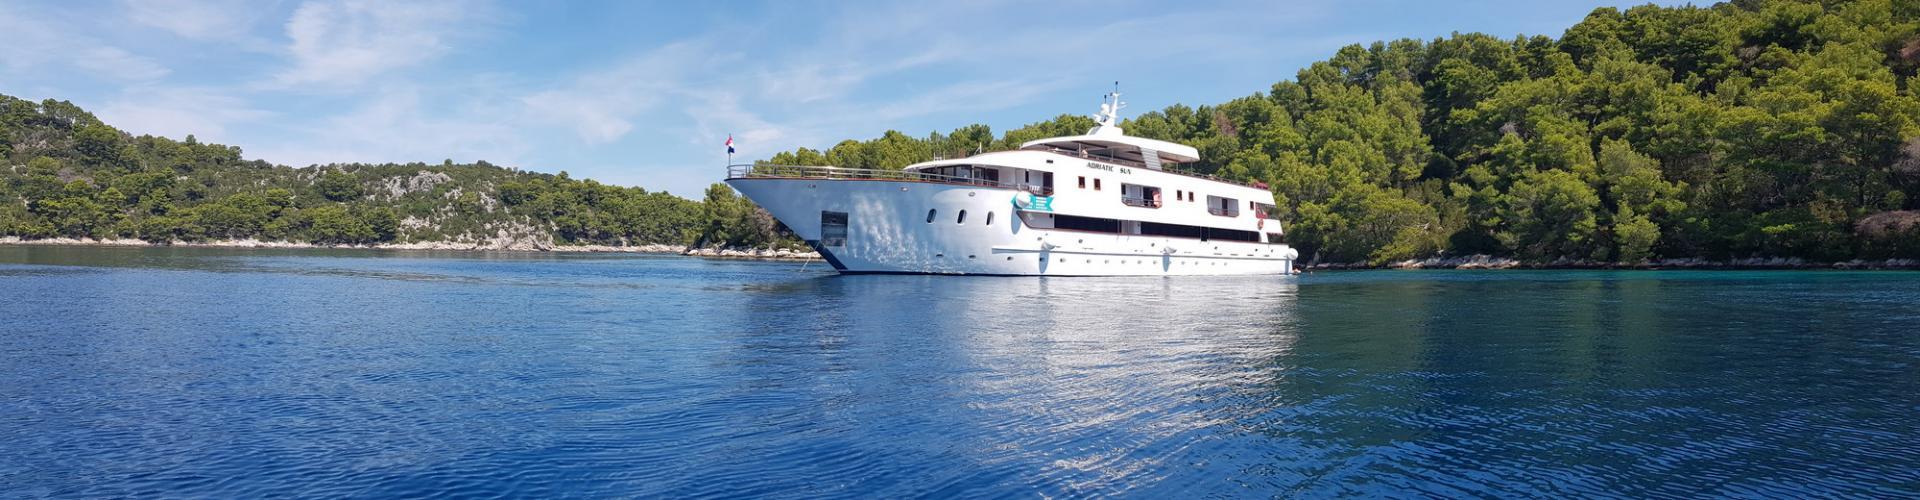 barca a motore Deluxe Superior nave da crociera MV Adriatic Sun